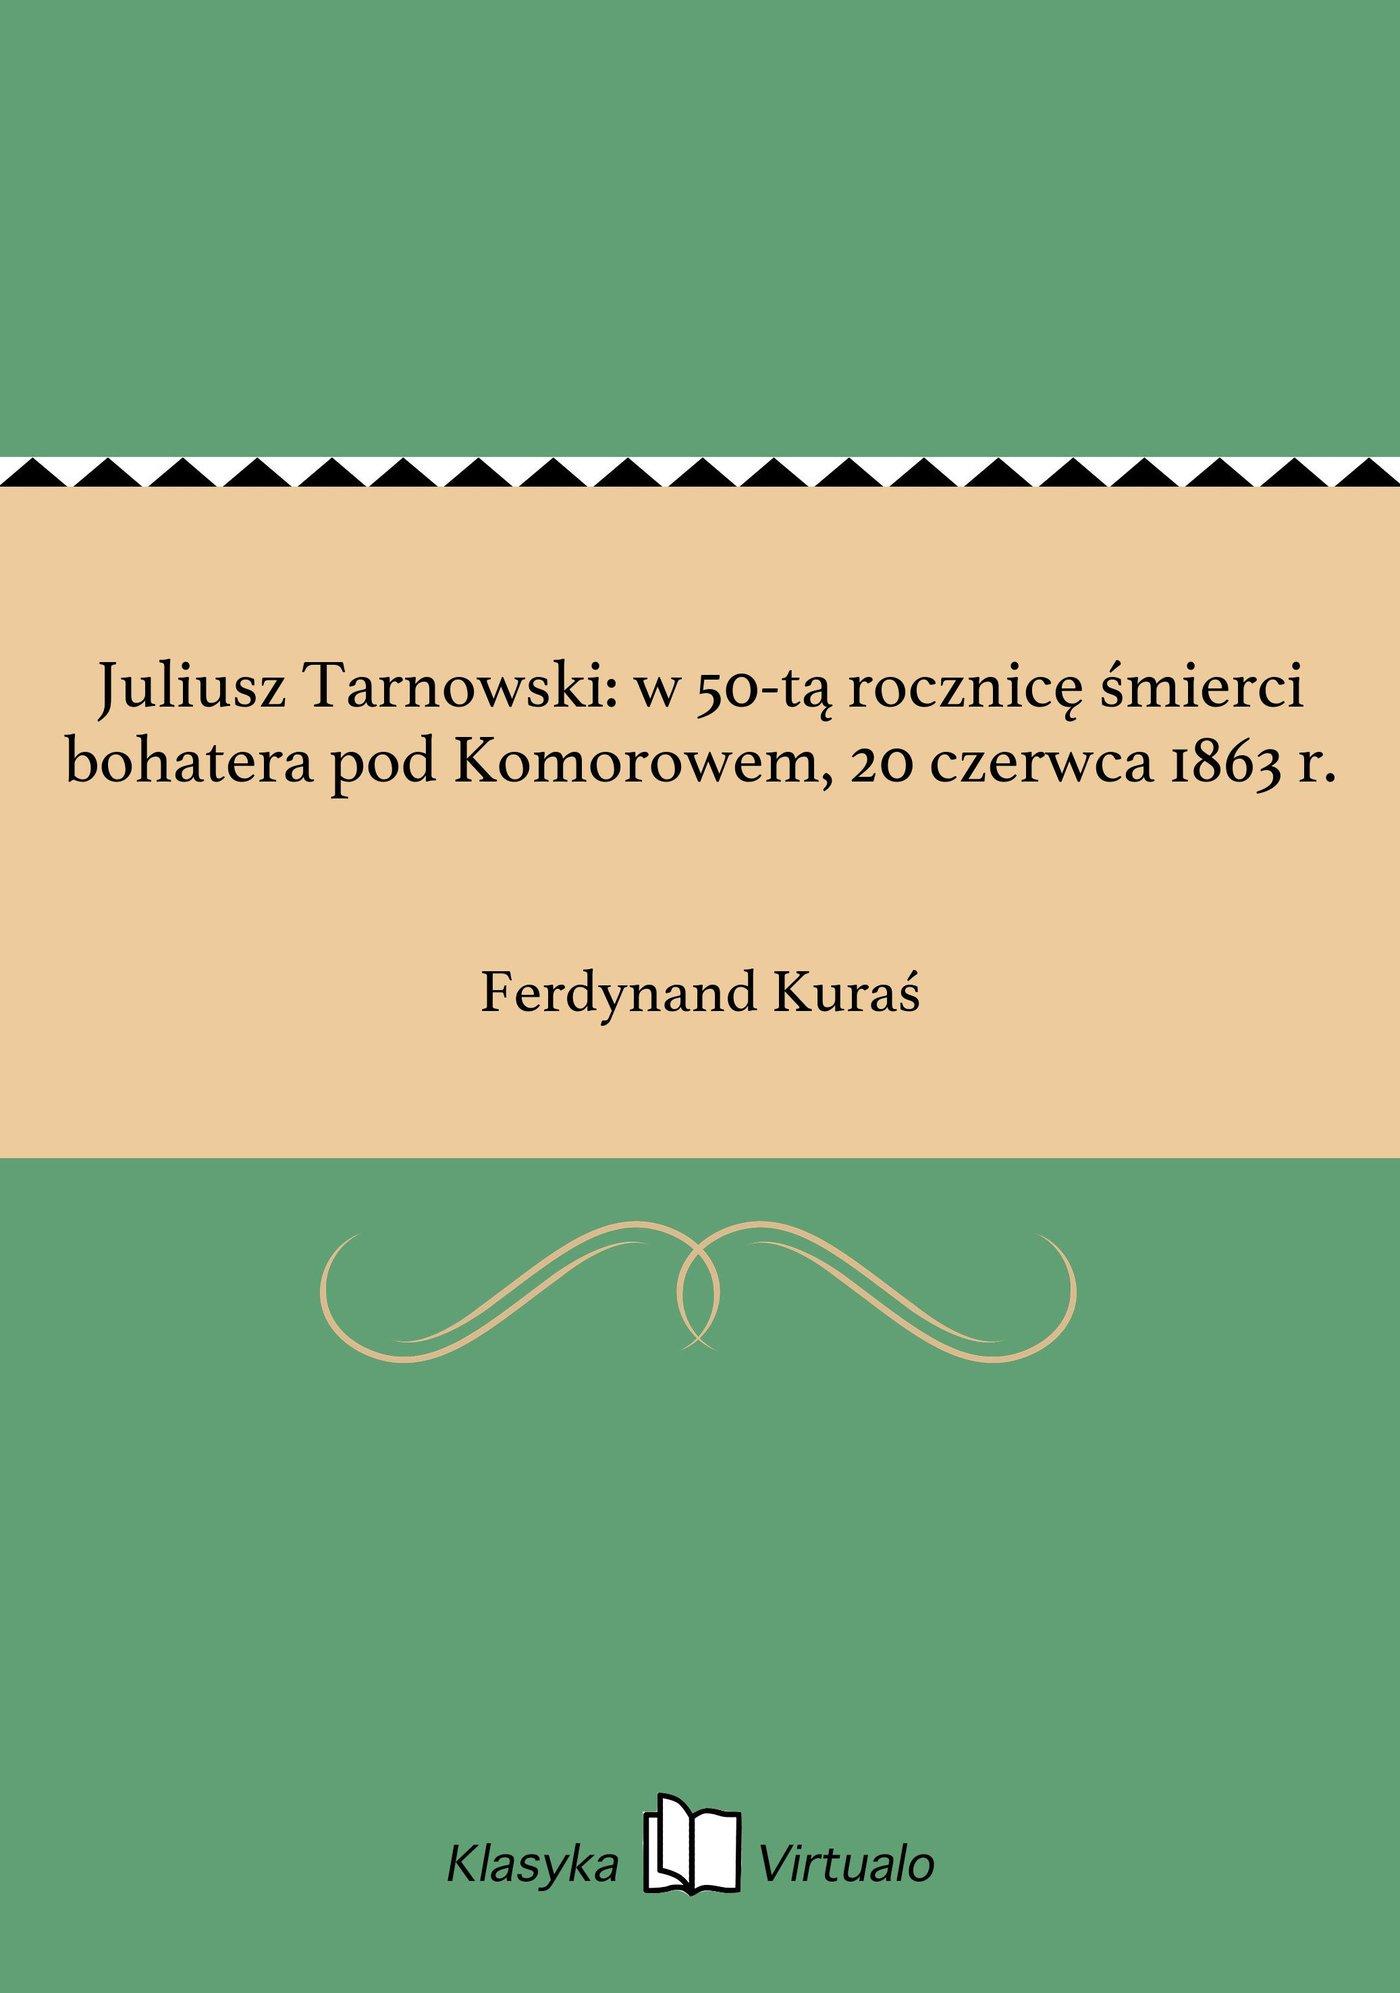 Juliusz Tarnowski: w 50-tą rocznicę śmierci bohatera pod Komorowem, 20 czerwca 1863 r. - Ebook (Książka EPUB) do pobrania w formacie EPUB